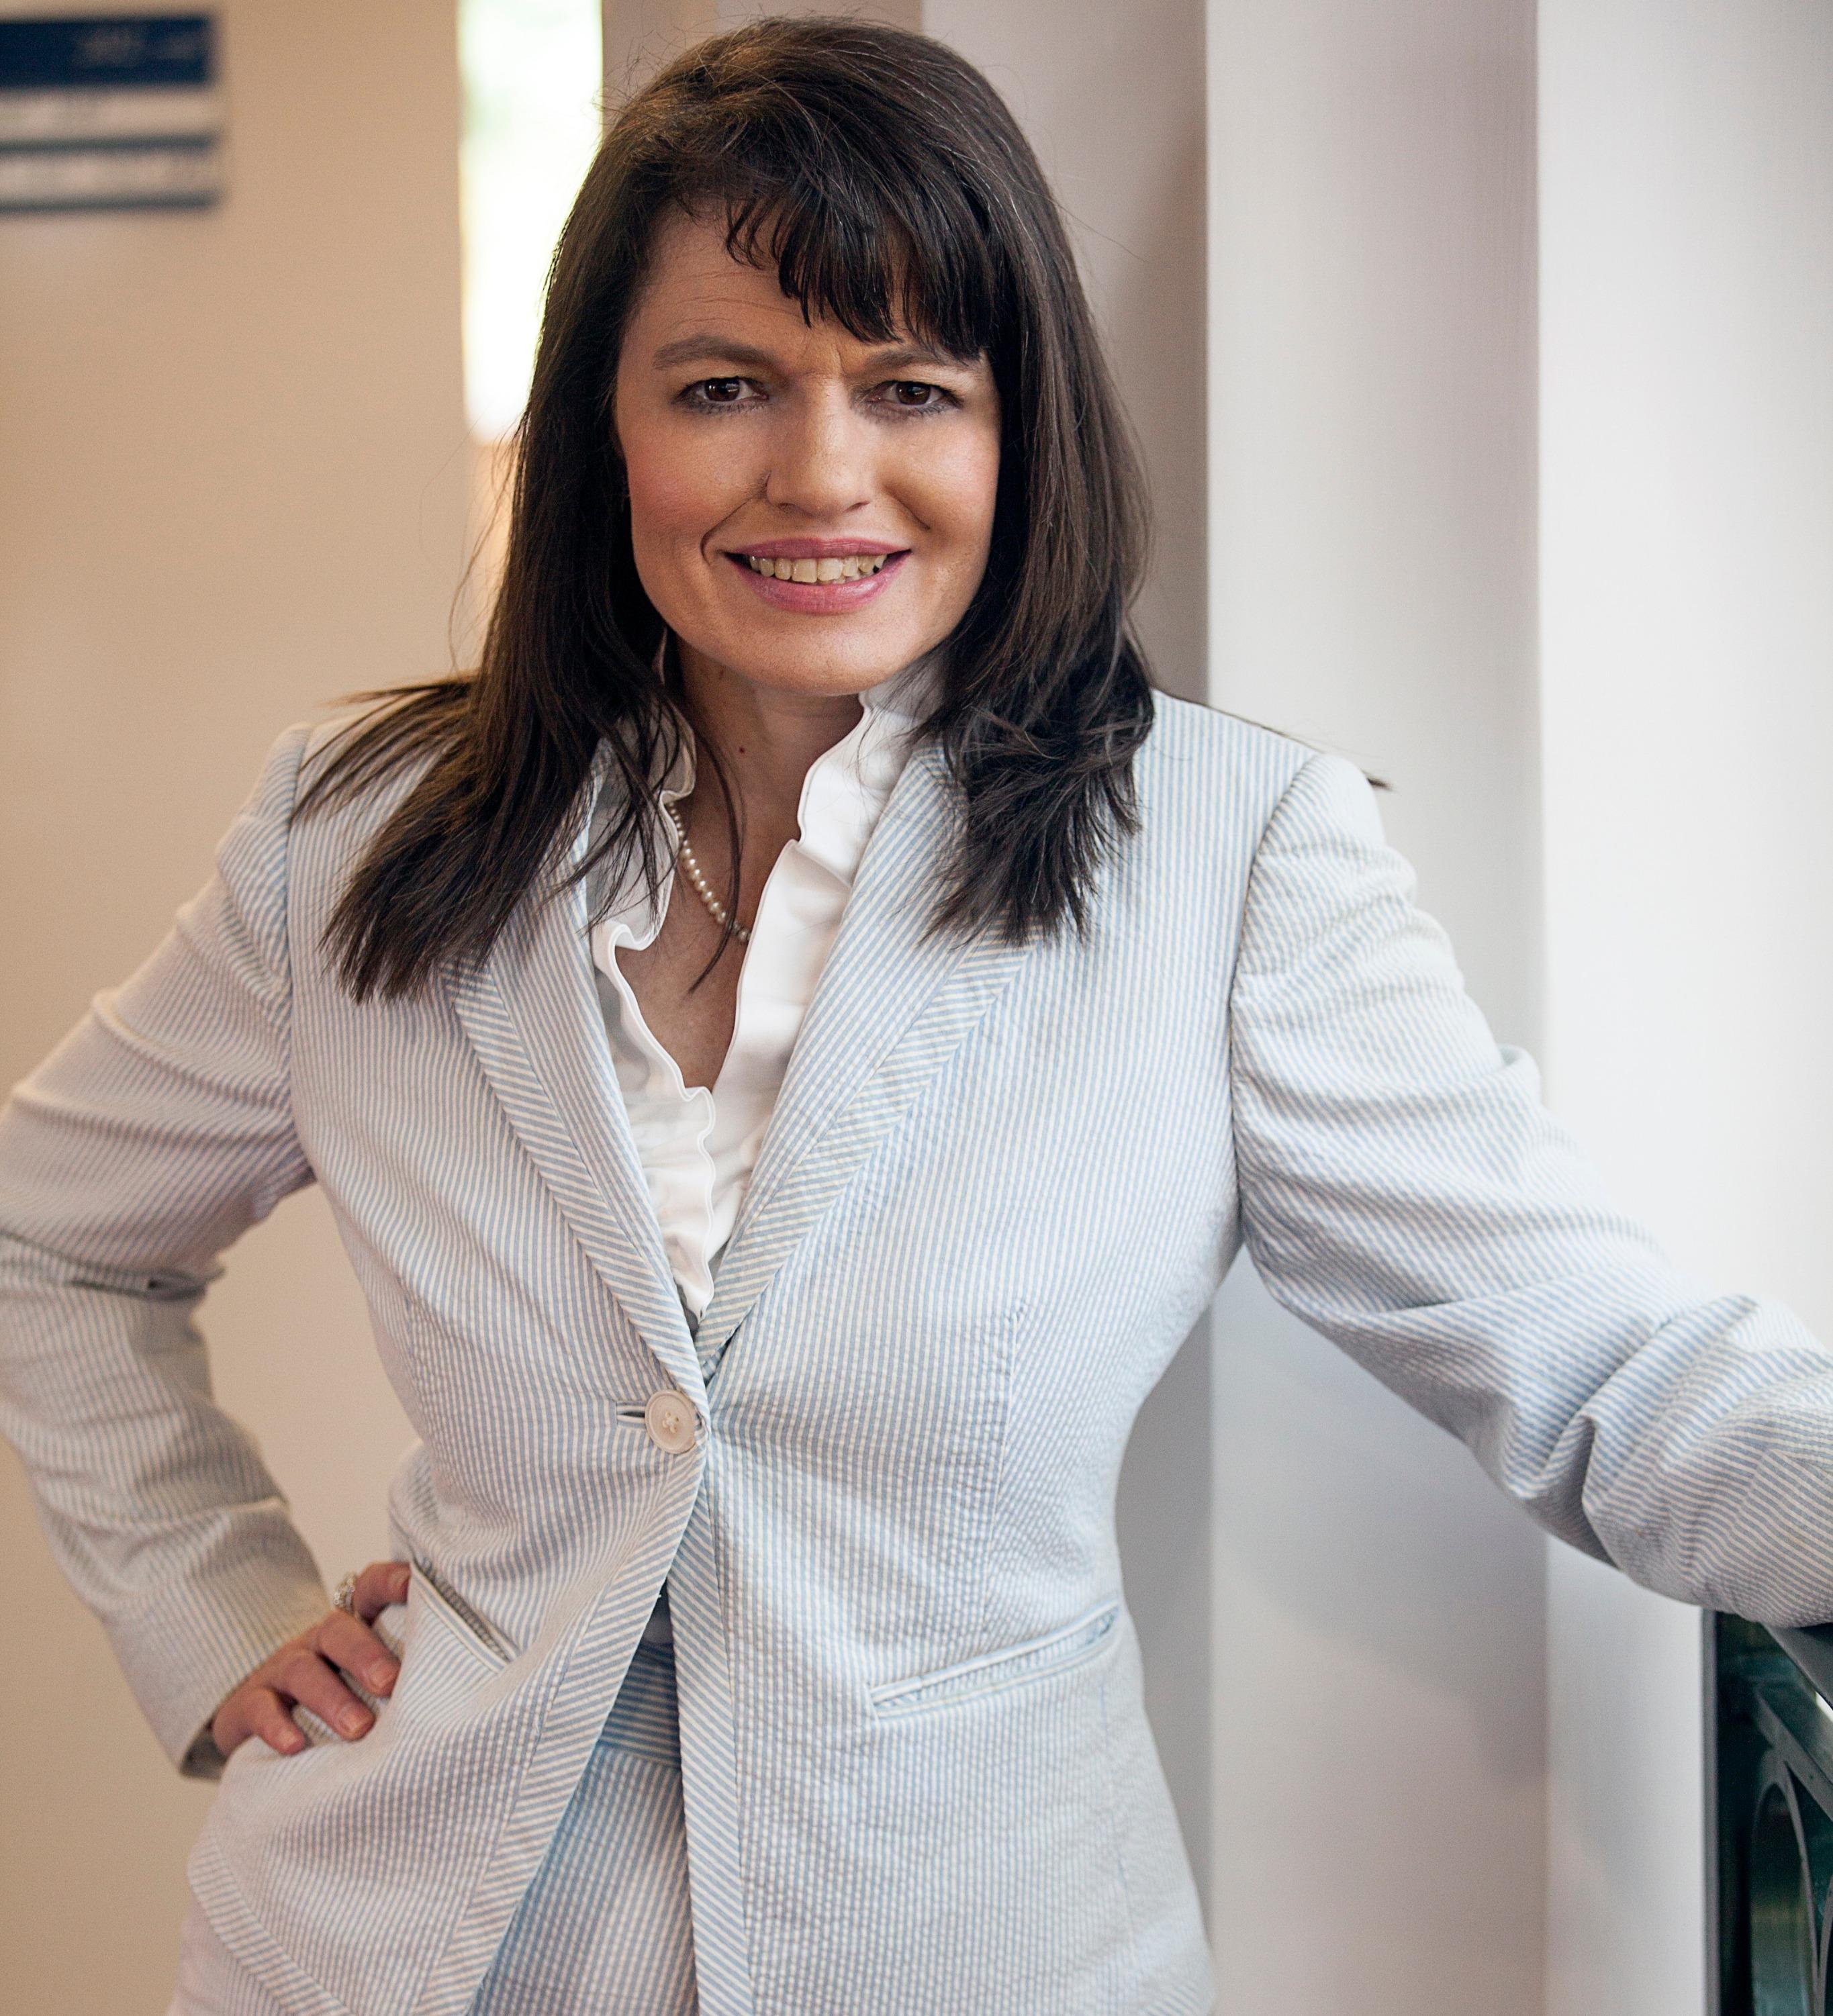 Tonya Burleson's Profile Image